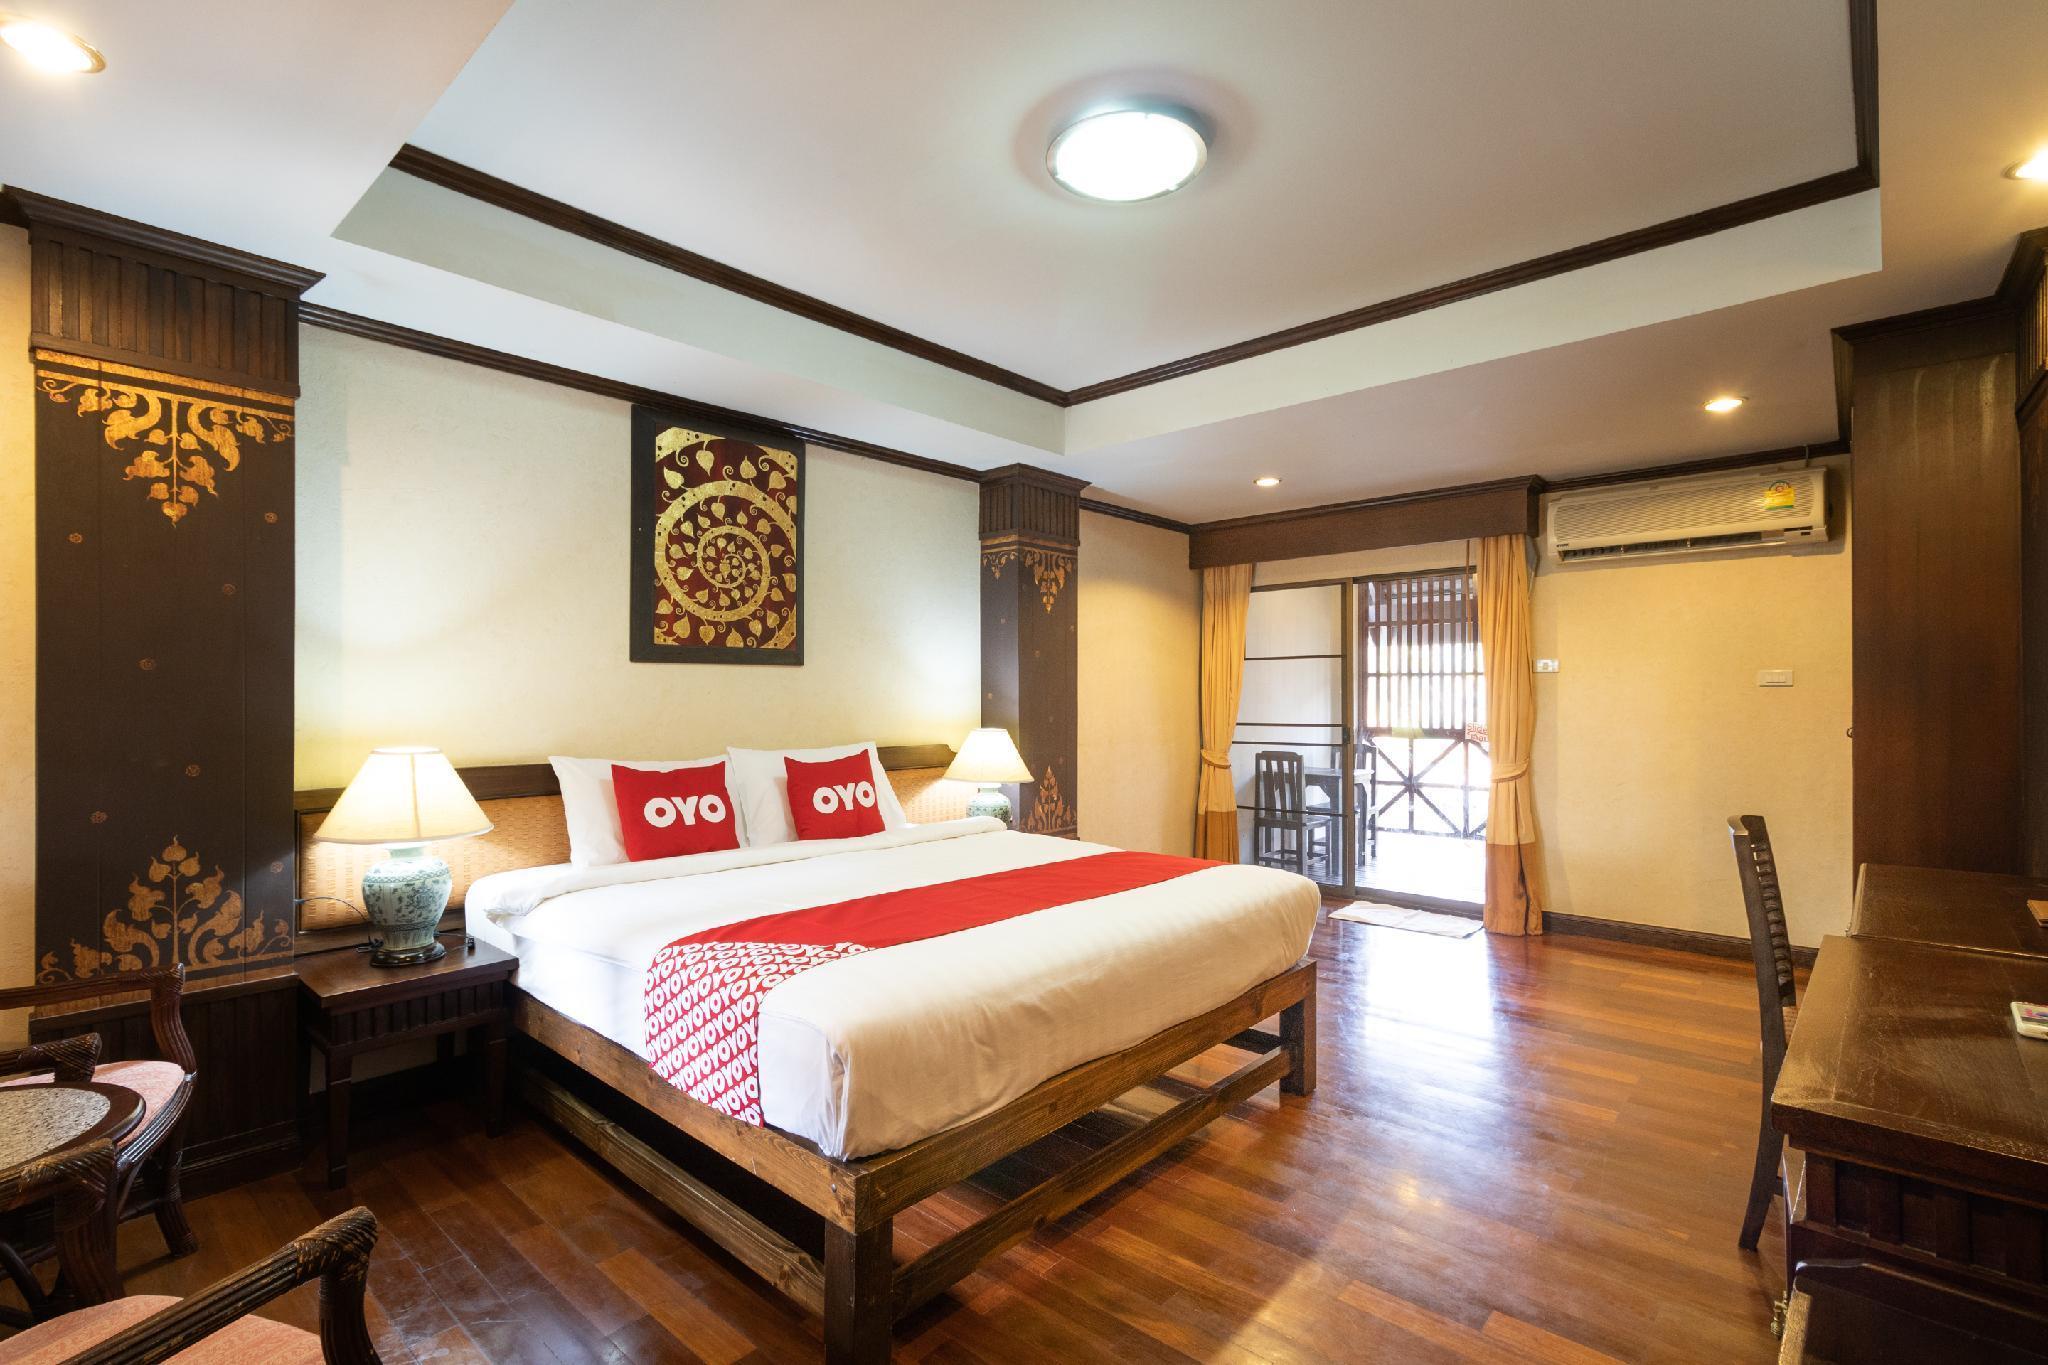 OYO 720 Royal Ping Garden & Resort โอโย 720 รอยัลปิงการ์เด้นแอนด์รีสอร์ต